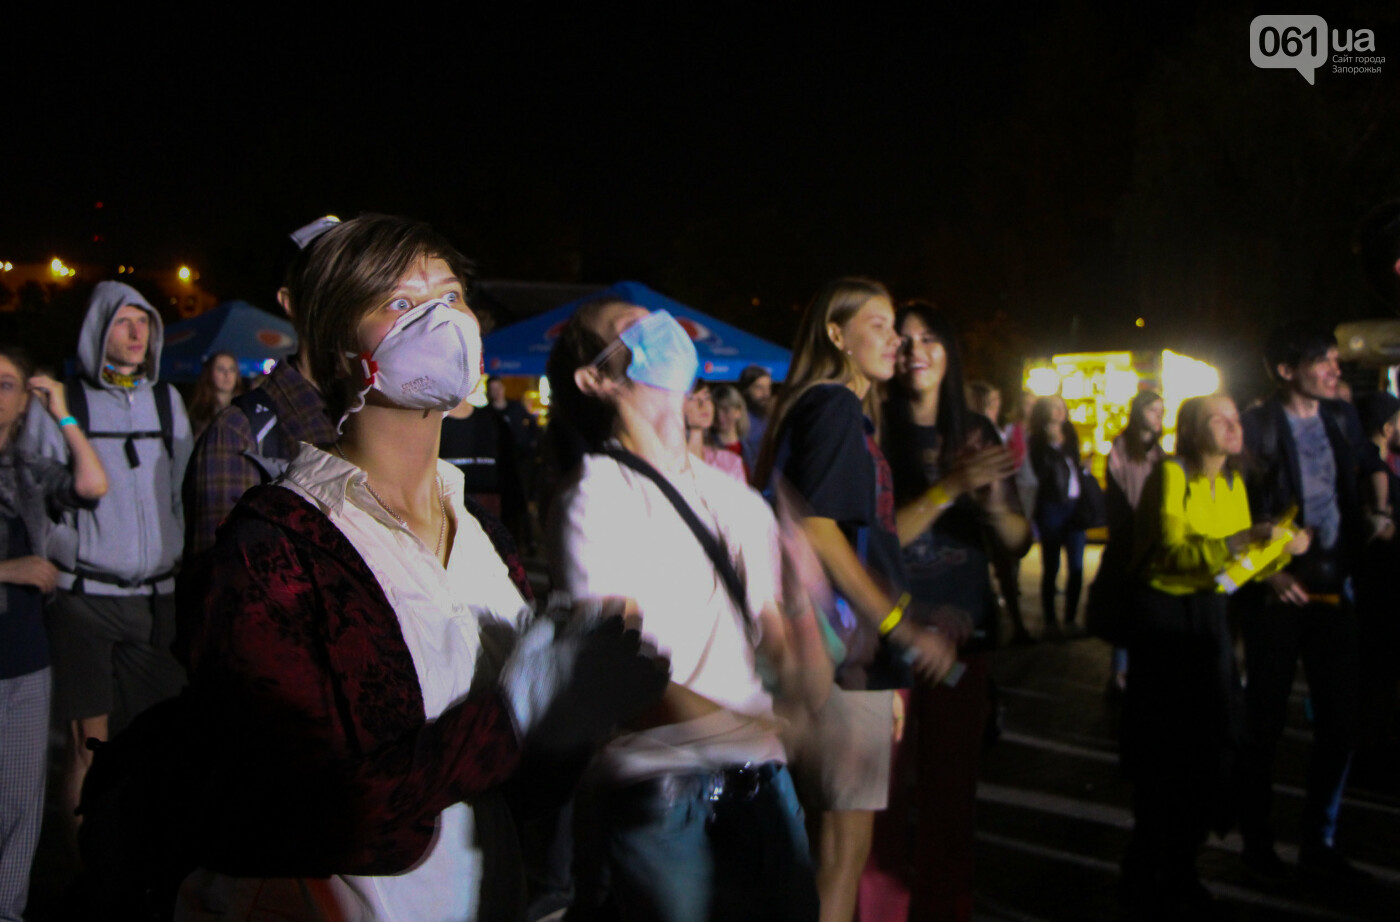 Концерт группы «Жадан і Собаки» собрал сотни запорожцев: как это было, - ФОТОРЕПОРТАЖ, фото-8